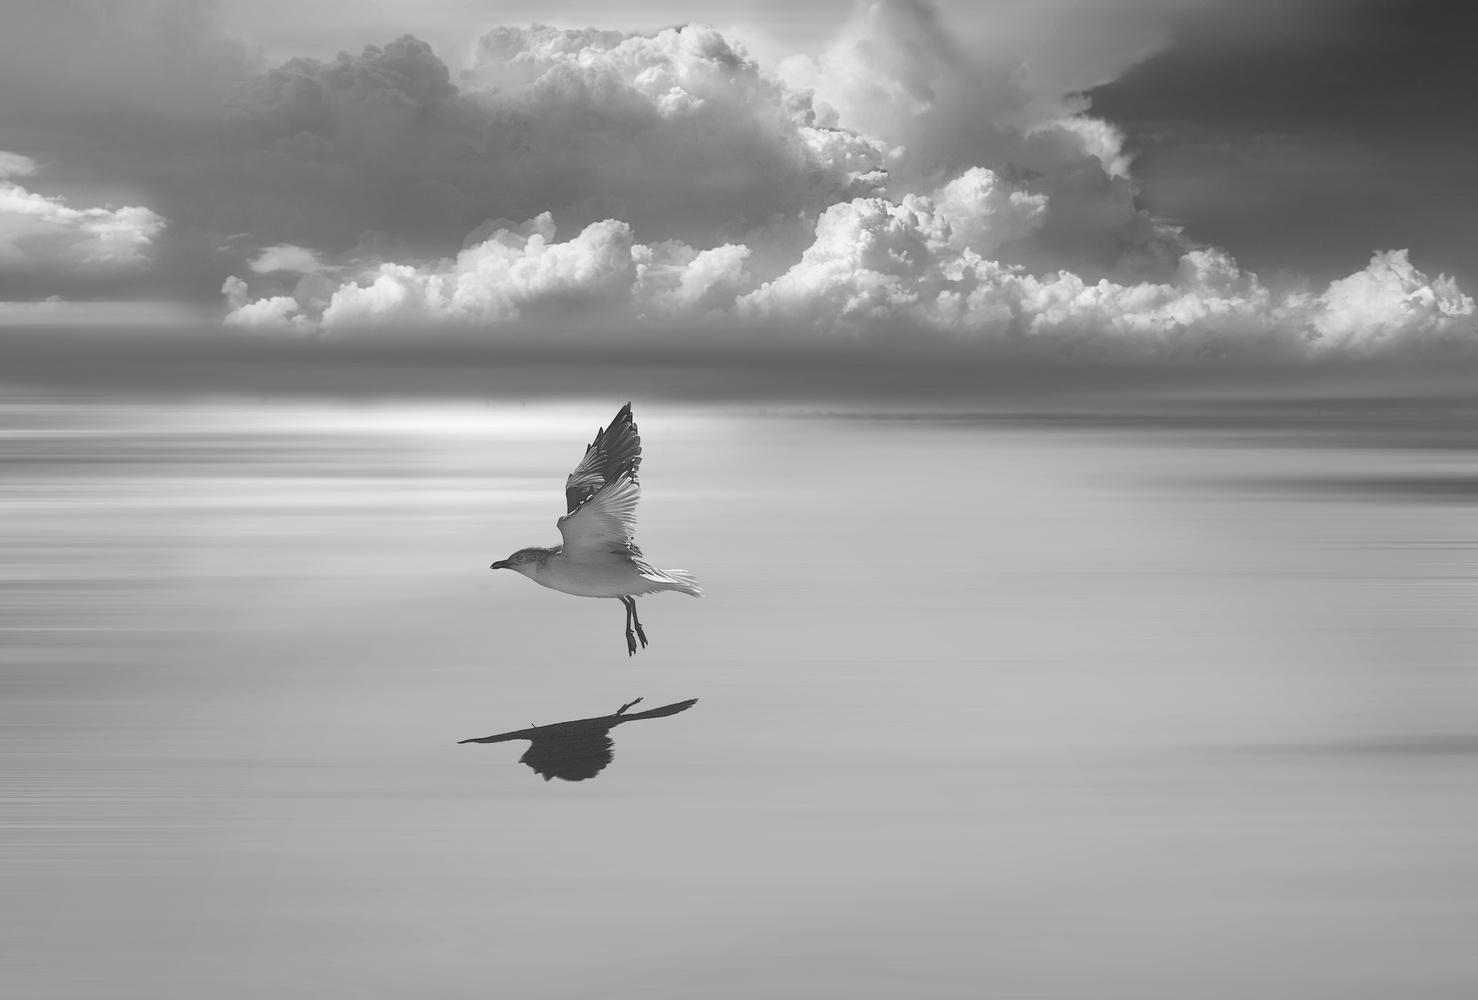 Takeoff by Janna Broski